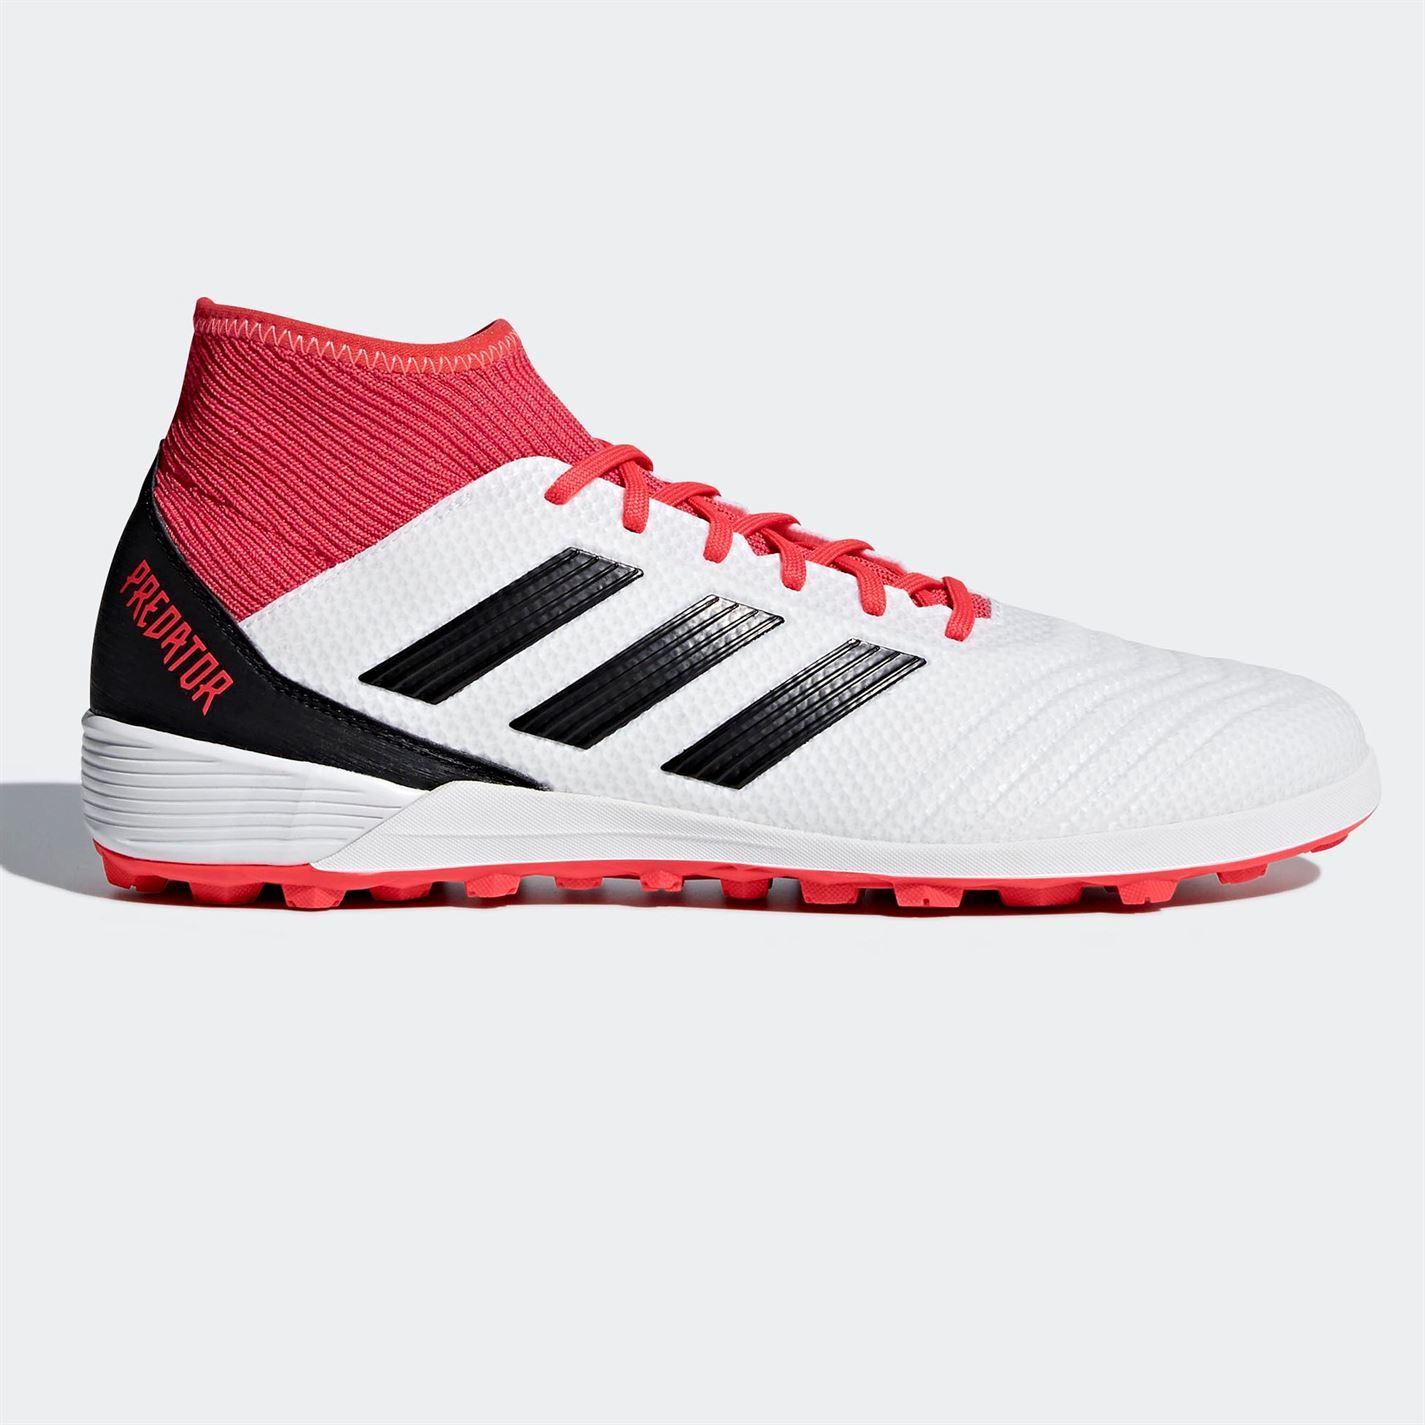 b032fb990 adidas Predator Tango 18.3 Astro Turf Football Trainers Mens White Soccer  Shoes